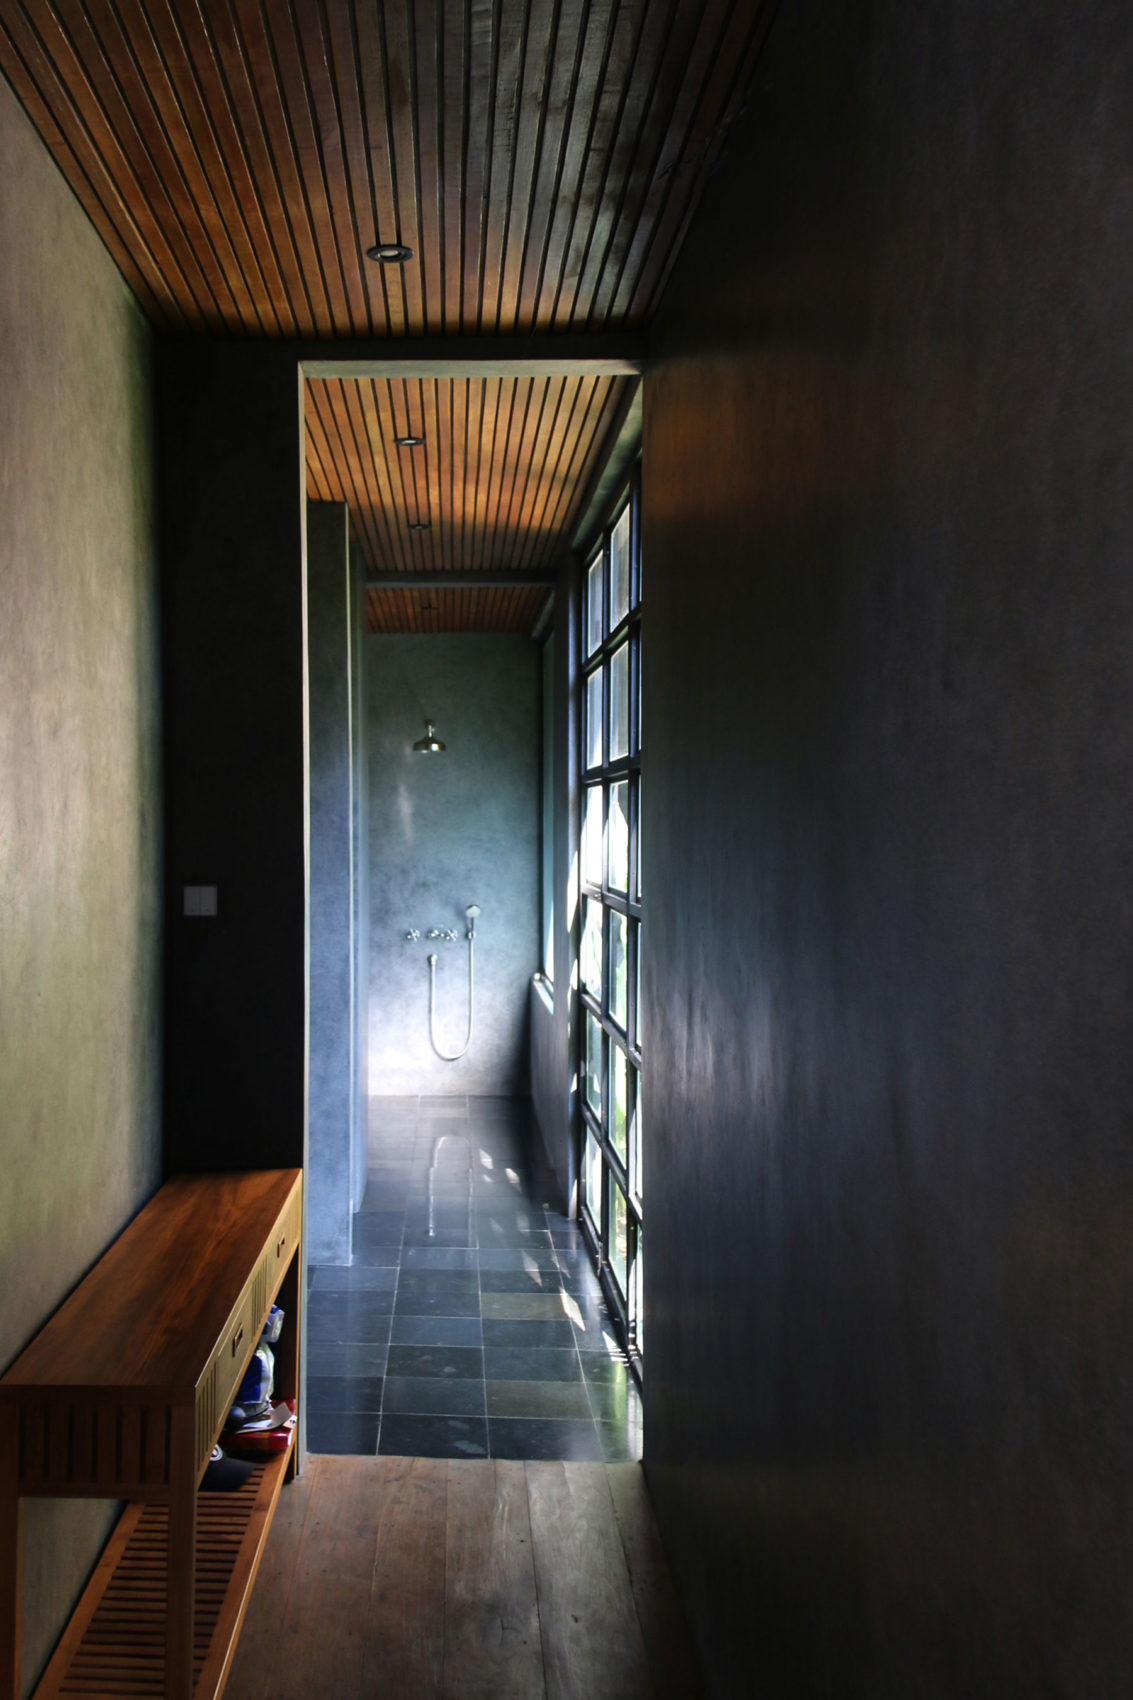 House 1 by Alexis Dornier (23)